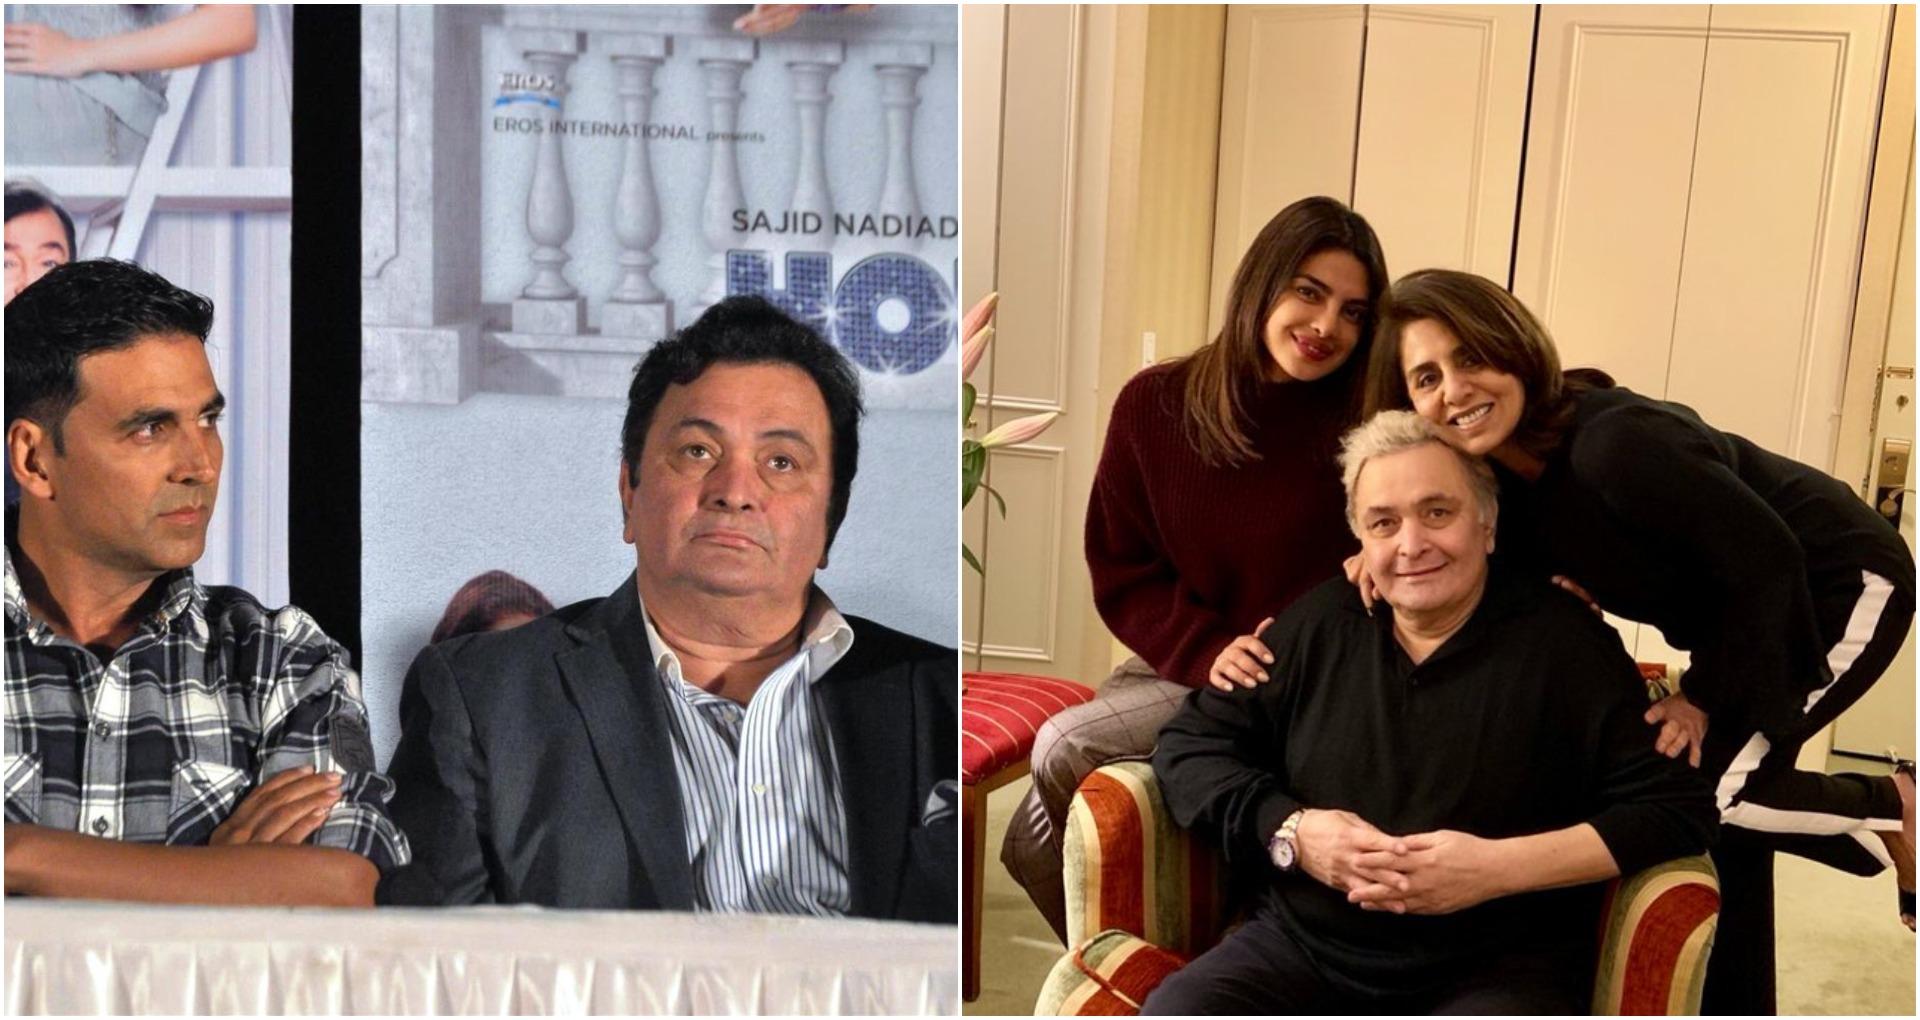 Rishi Kapoor Dies: बॉलीवुड इंडस्ट्री में फिर छाई गम की लहर, अक्षय कुमार और प्रियंका चोपड़ा ने दी श्रद्धांजलि